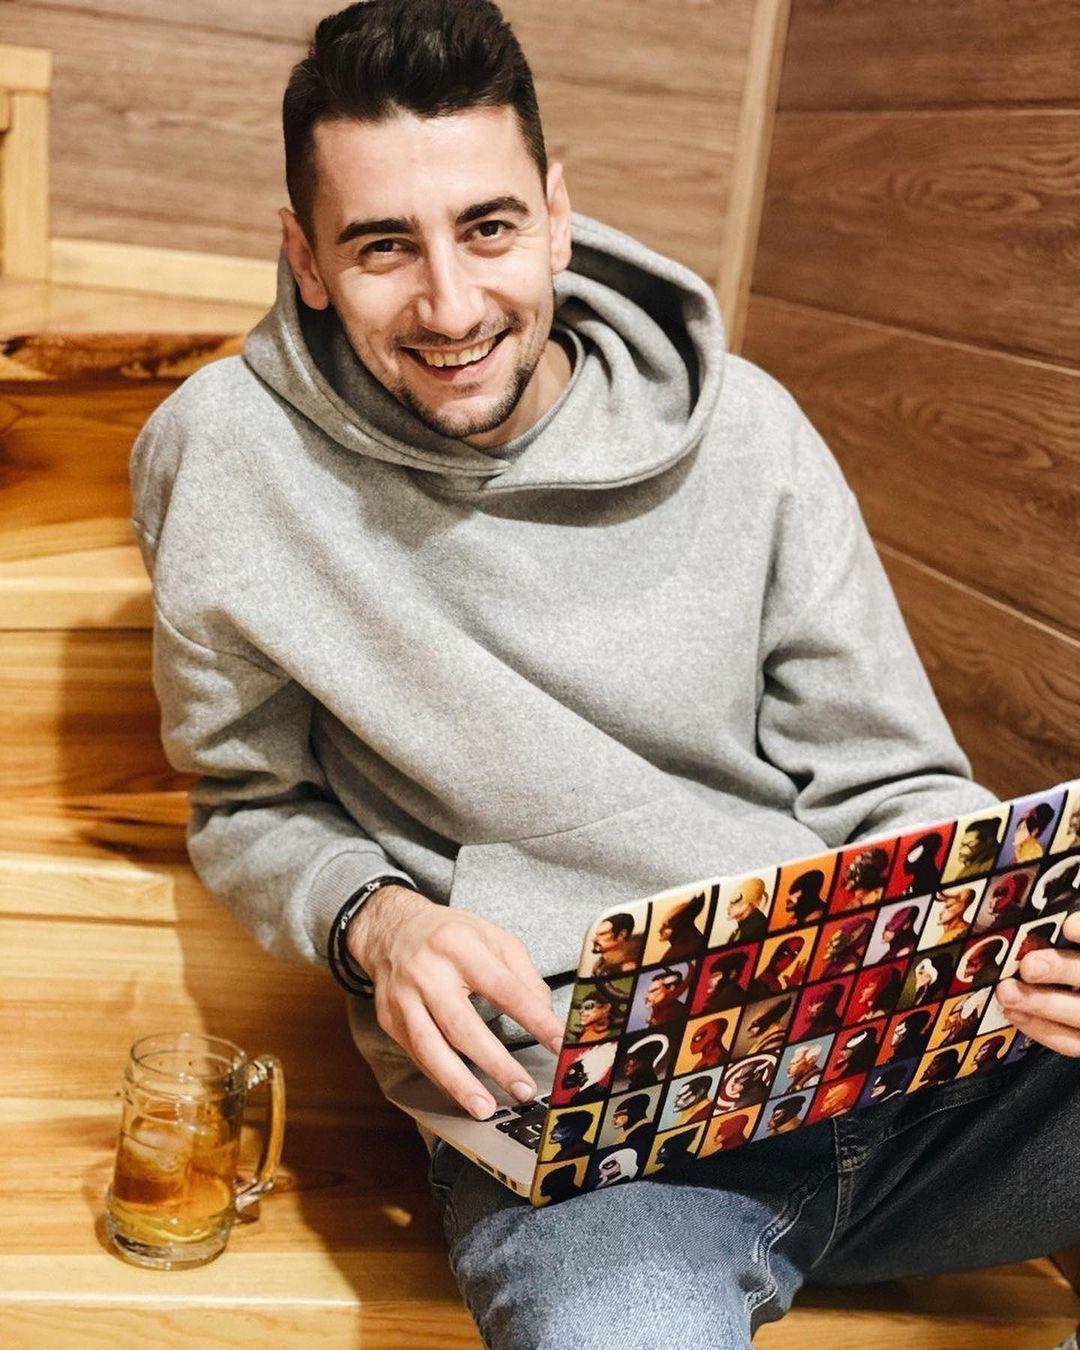 #Сильный. Александр Эллерт о стереотипах: Я делаю маникюр, посещаю косметолога и думаю, что мне надеть — это нормально, когда мужчина следит за собой - фото №3